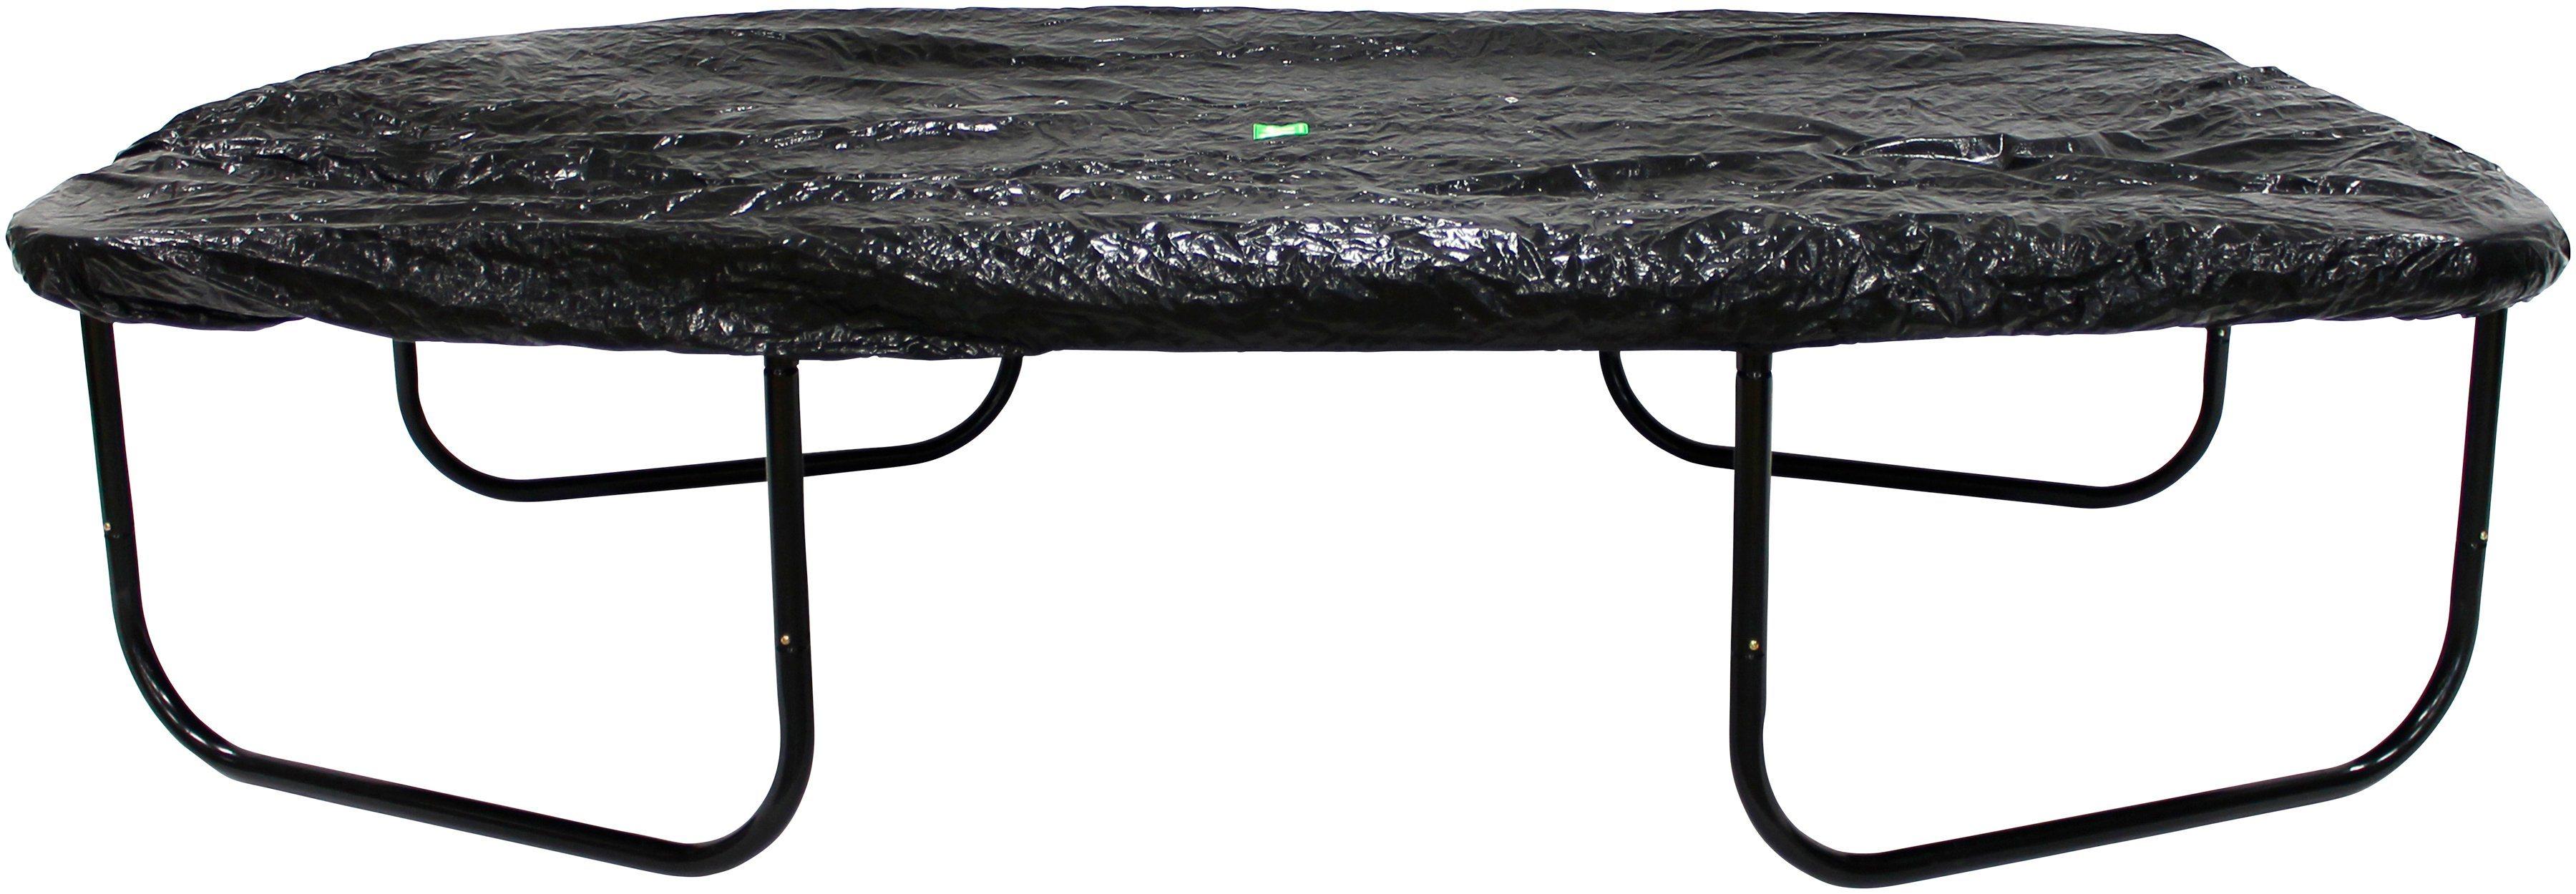 Abdeckplane , für Trampoline, 214x366 cm